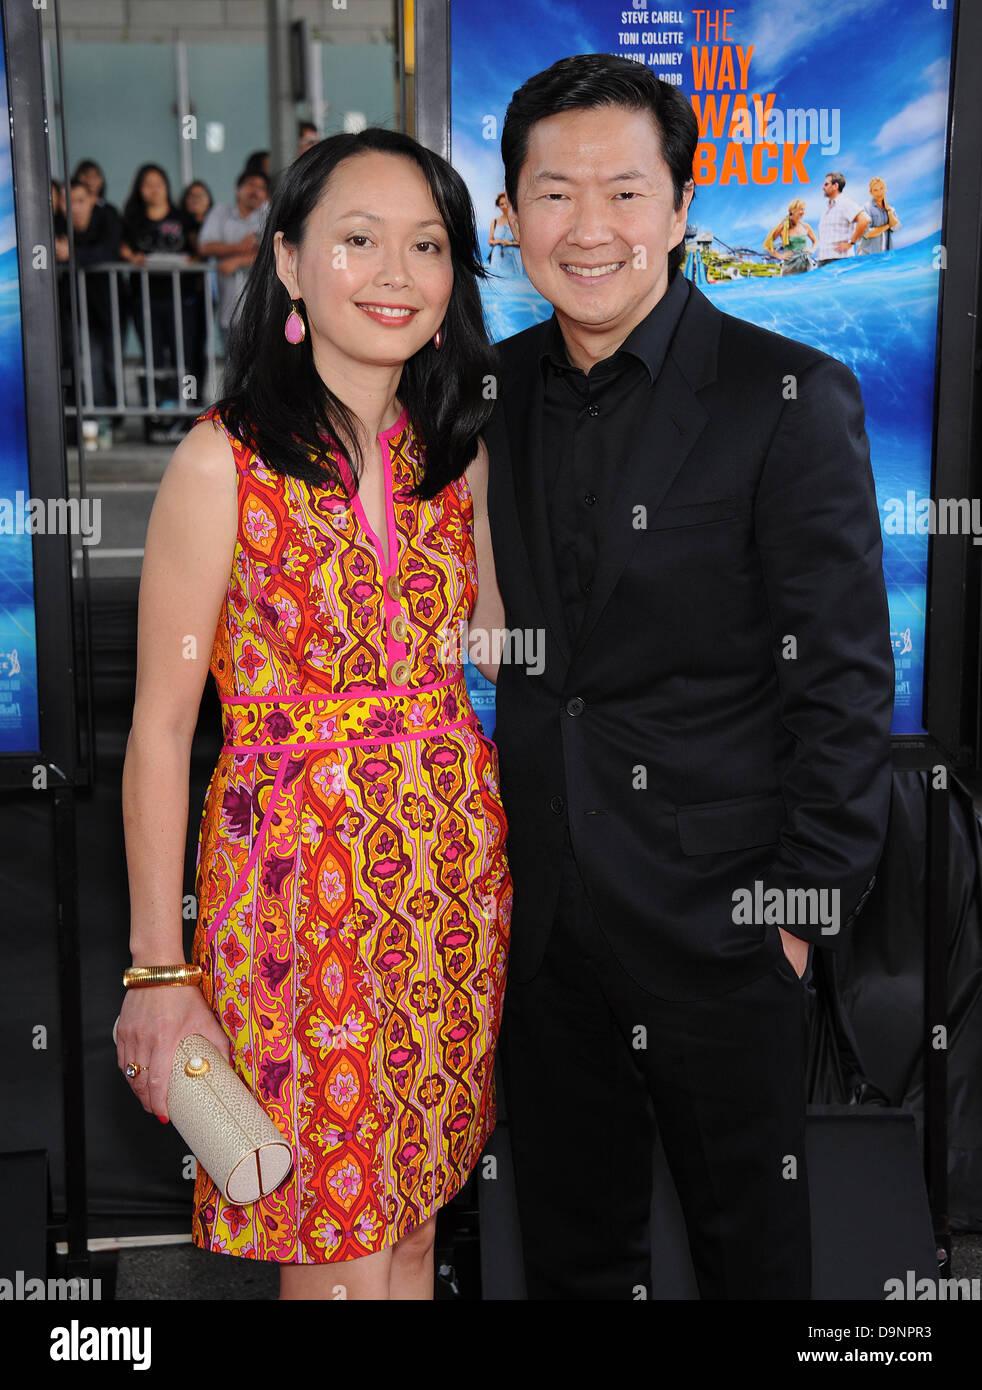 Ken Jeong And Wife Tran Stock Photos Amp Ken Jeong And Wife